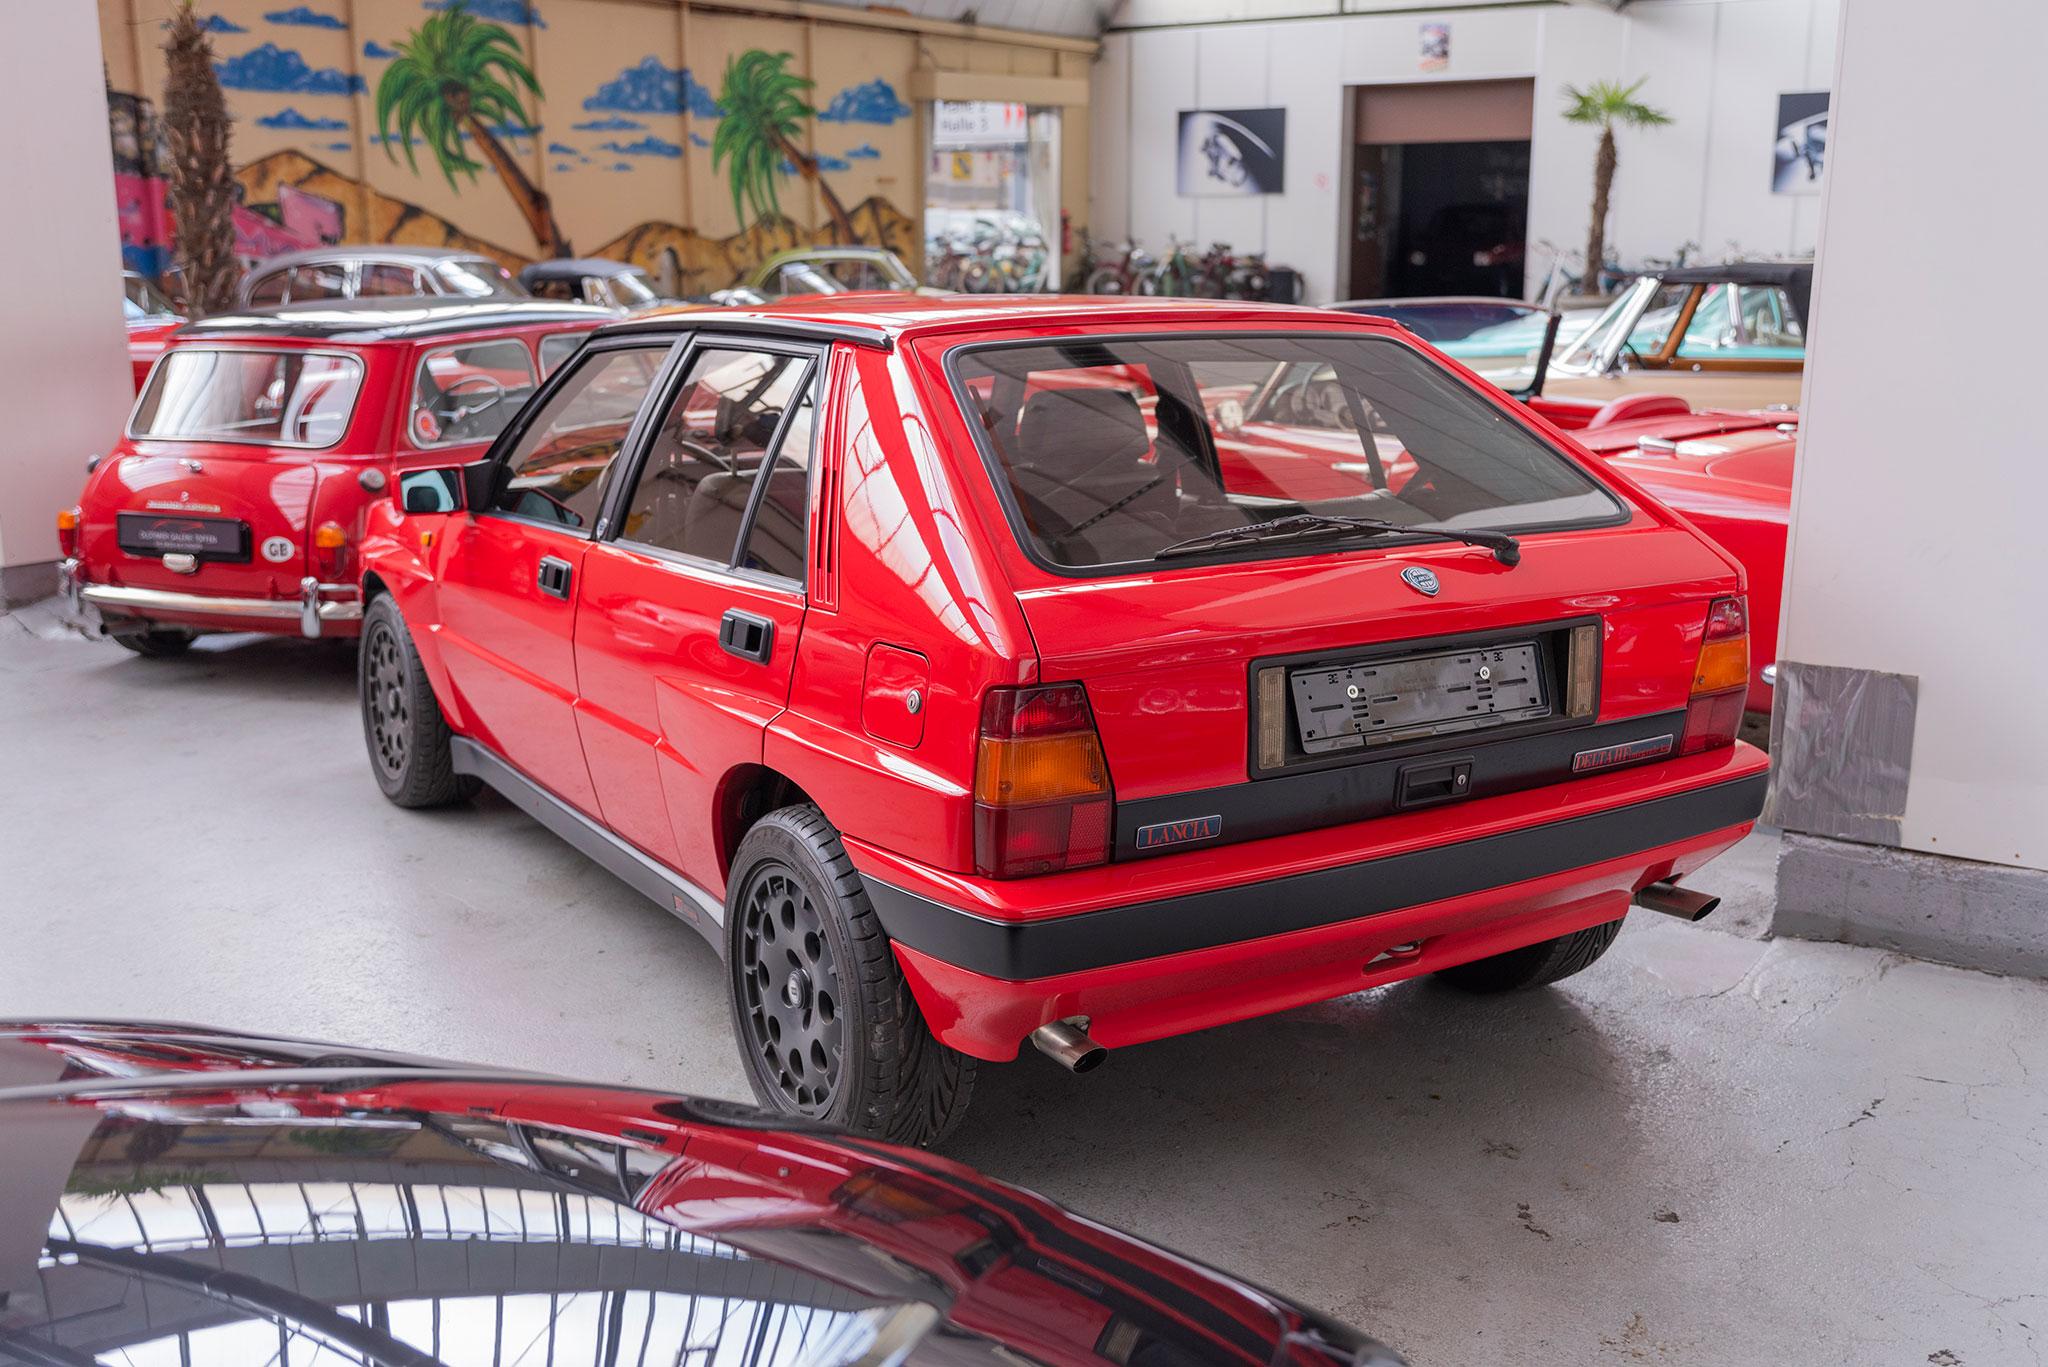 1990 Lancia Delta HF Integrale vue trois quart arrière gauche.